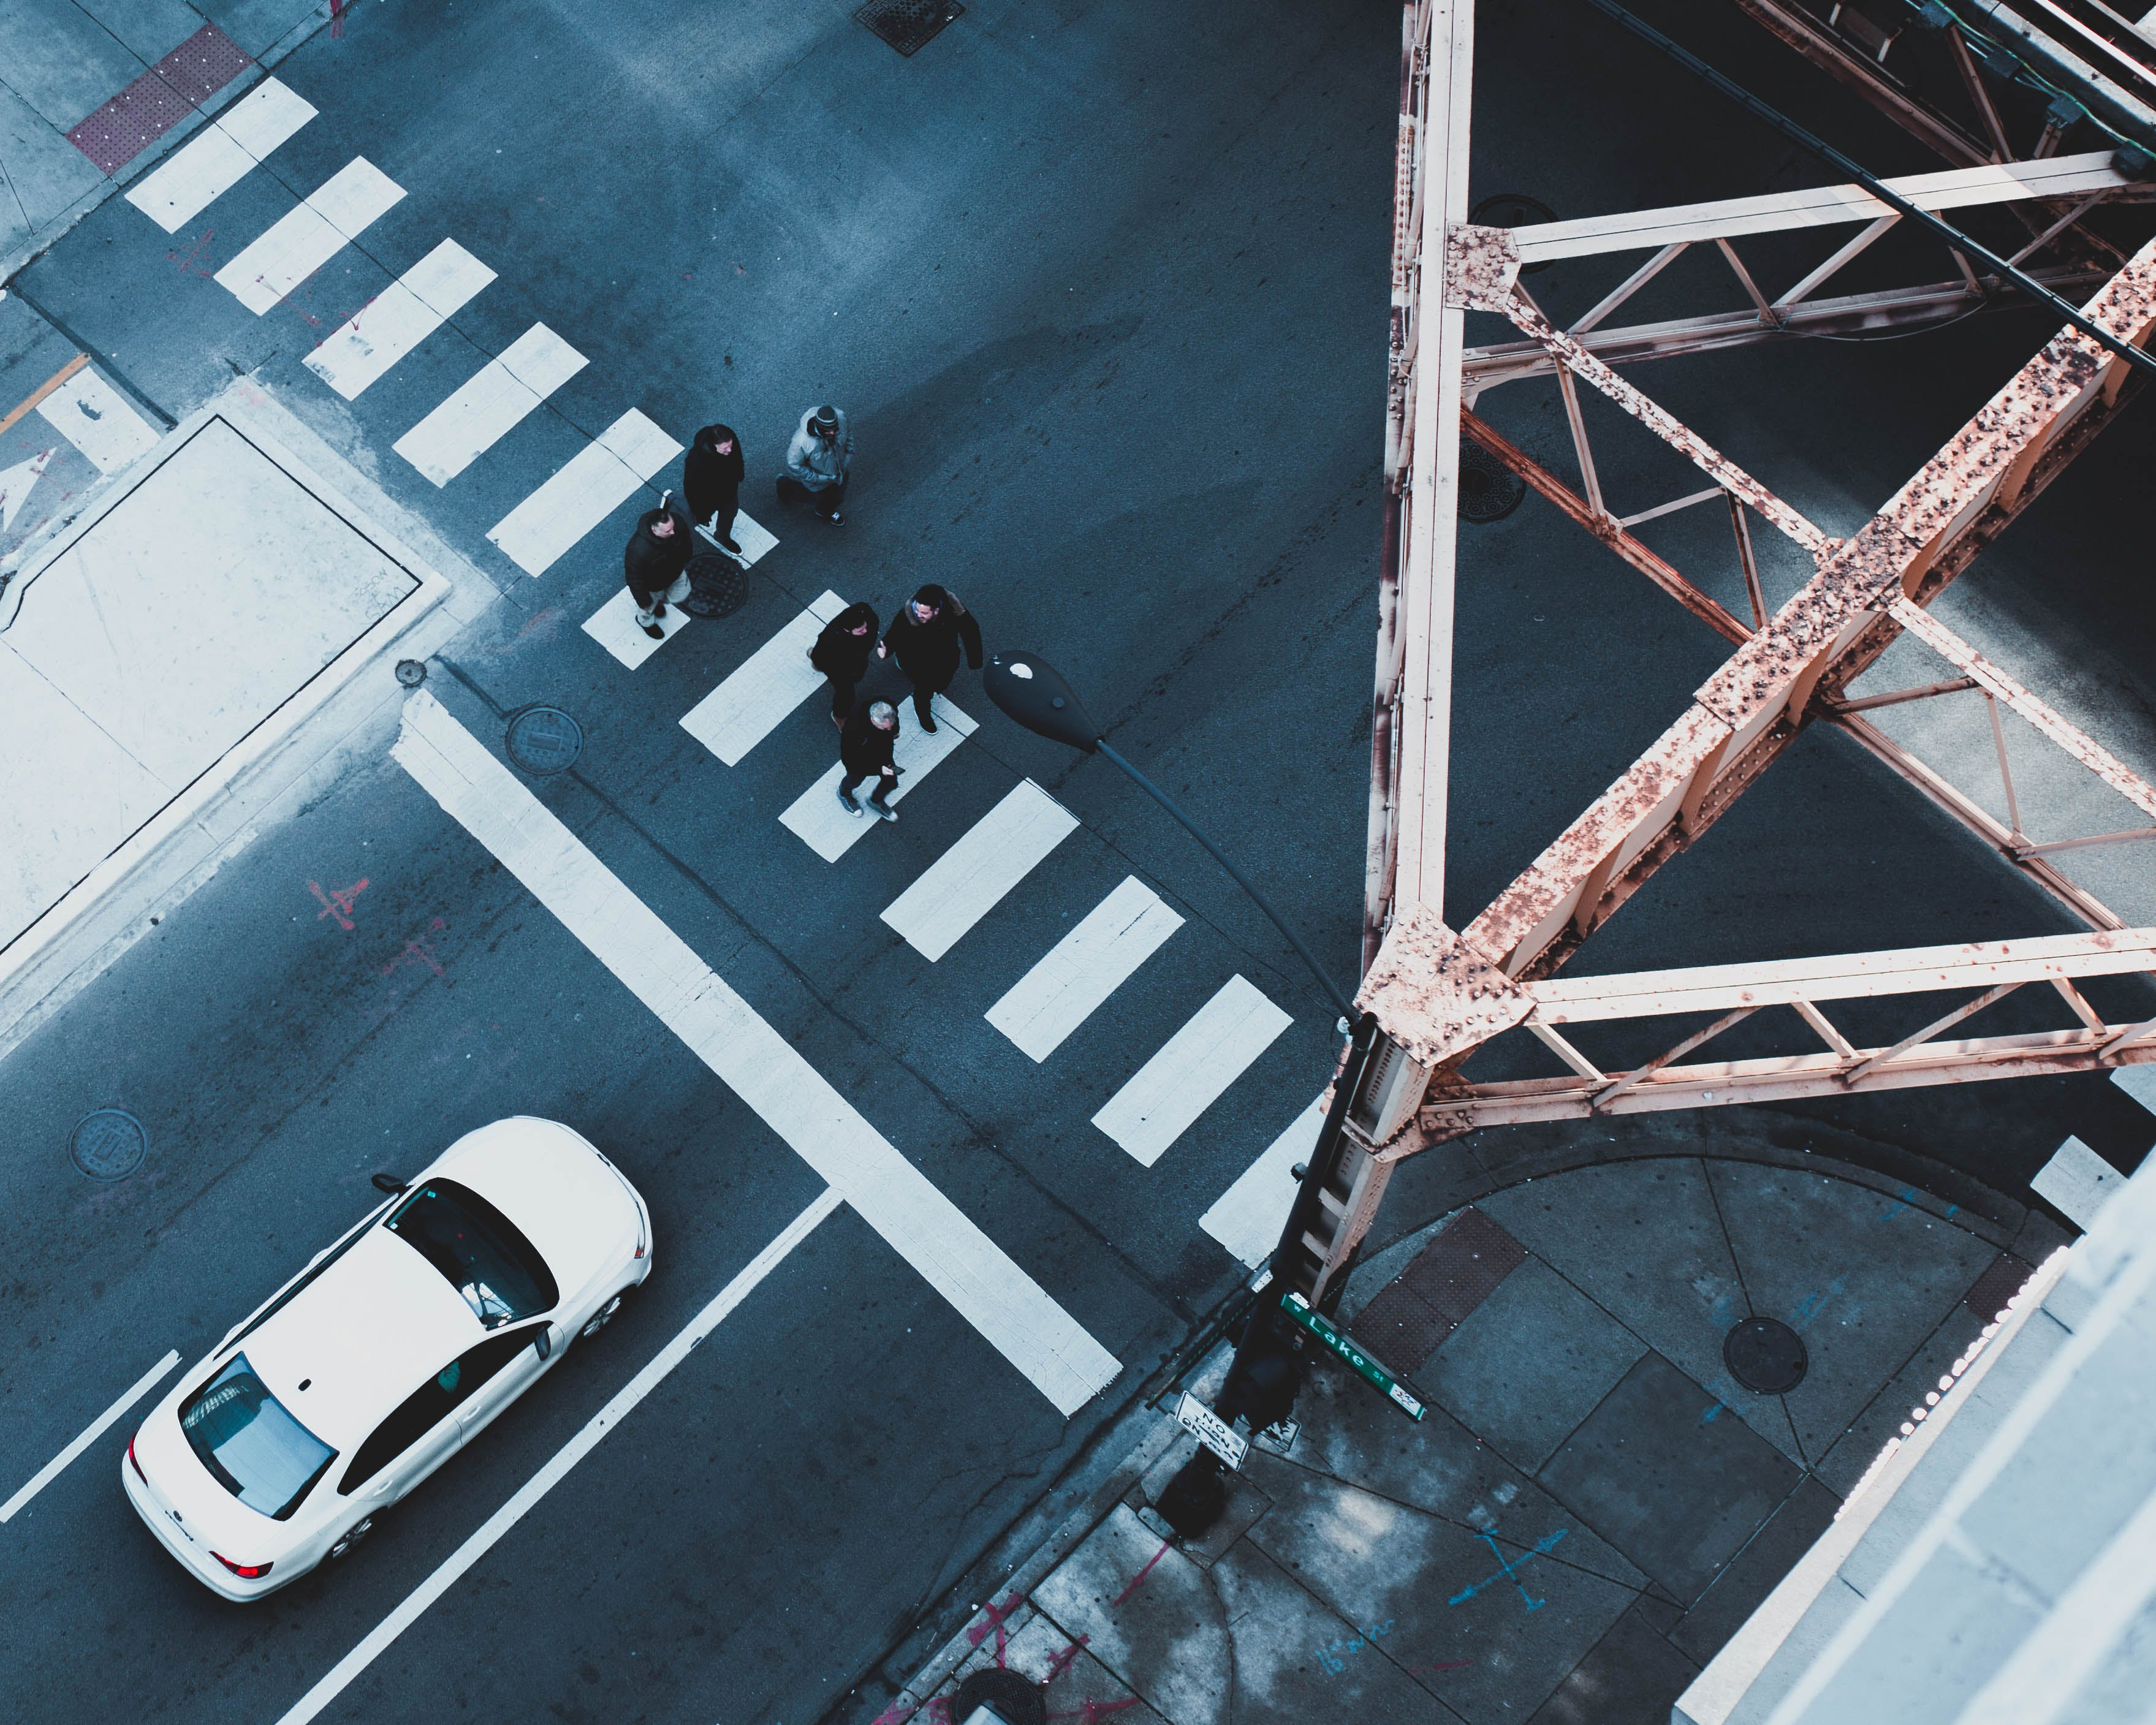 Δωρεάν στοκ φωτογραφιών με Άνθρωποι, αστικός, ατσάλινο πλαίσιο, αυτοκίνητο